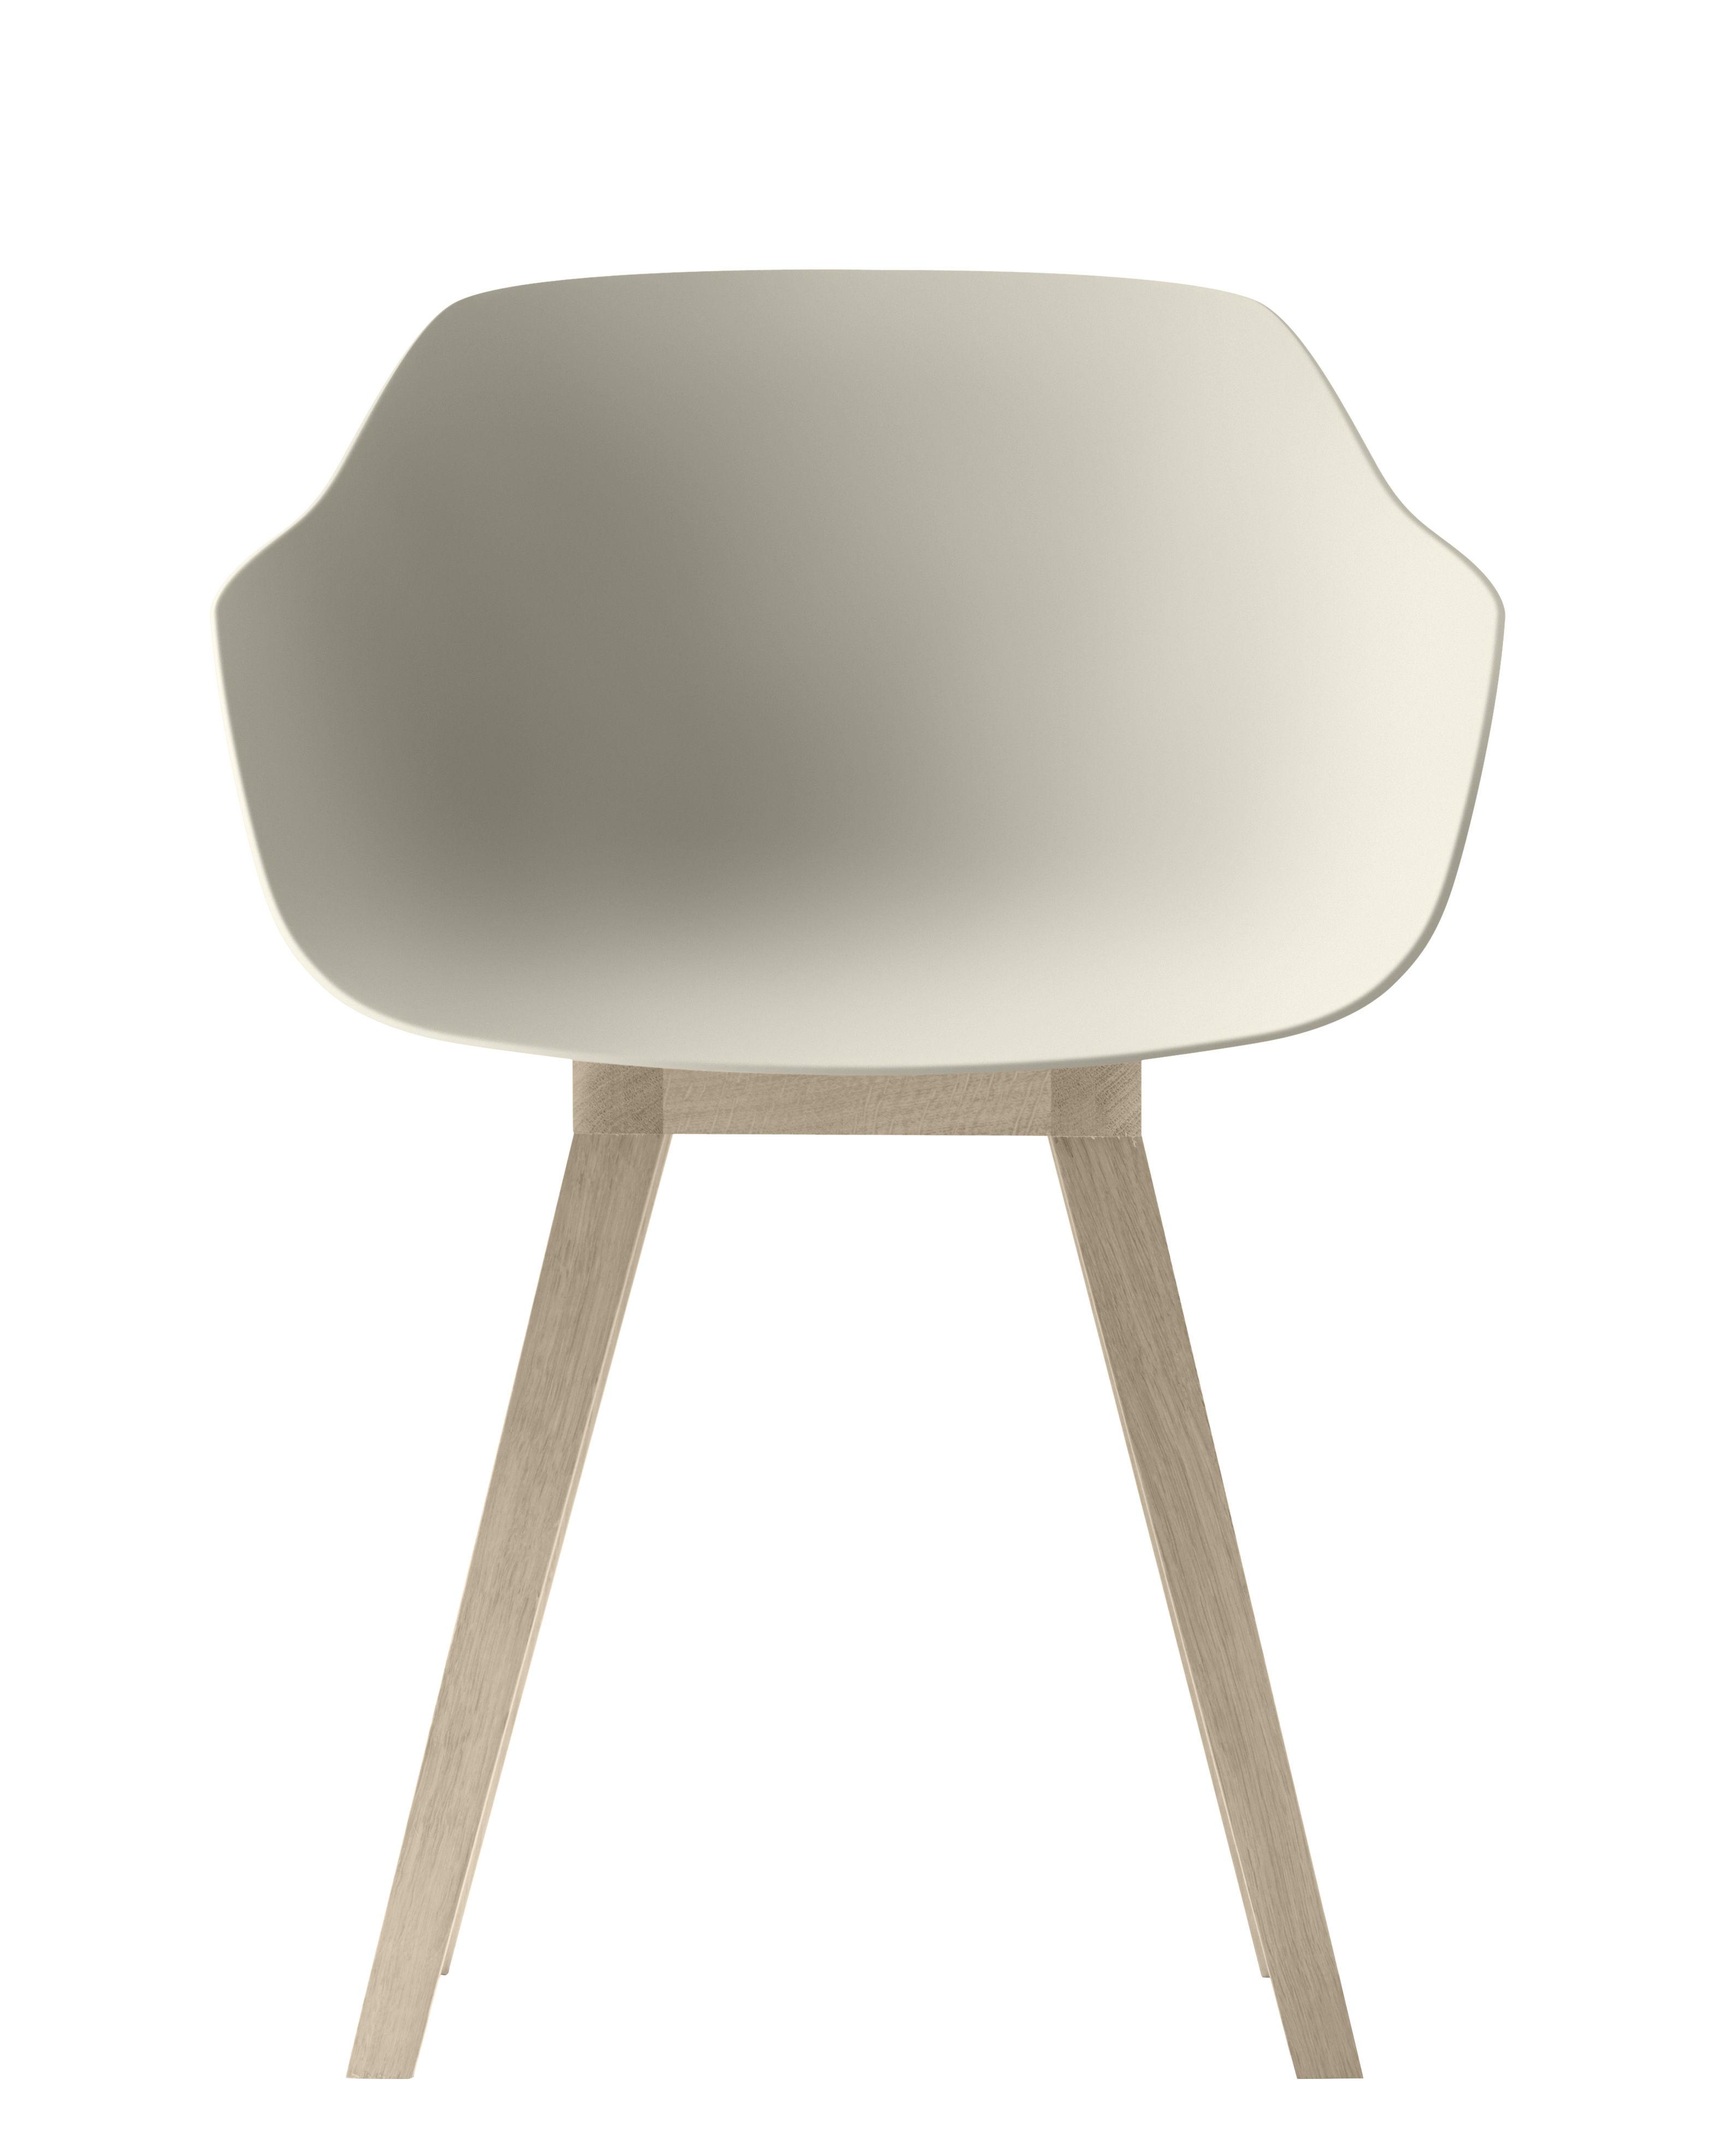 Mobilier - Chaises, fauteuils de salle à manger - Fauteuil Kuskoa Bi / Bioplastique & pieds bois - Alki - Coque sable / Pieds chêne - Bioplastique, Chêne massif